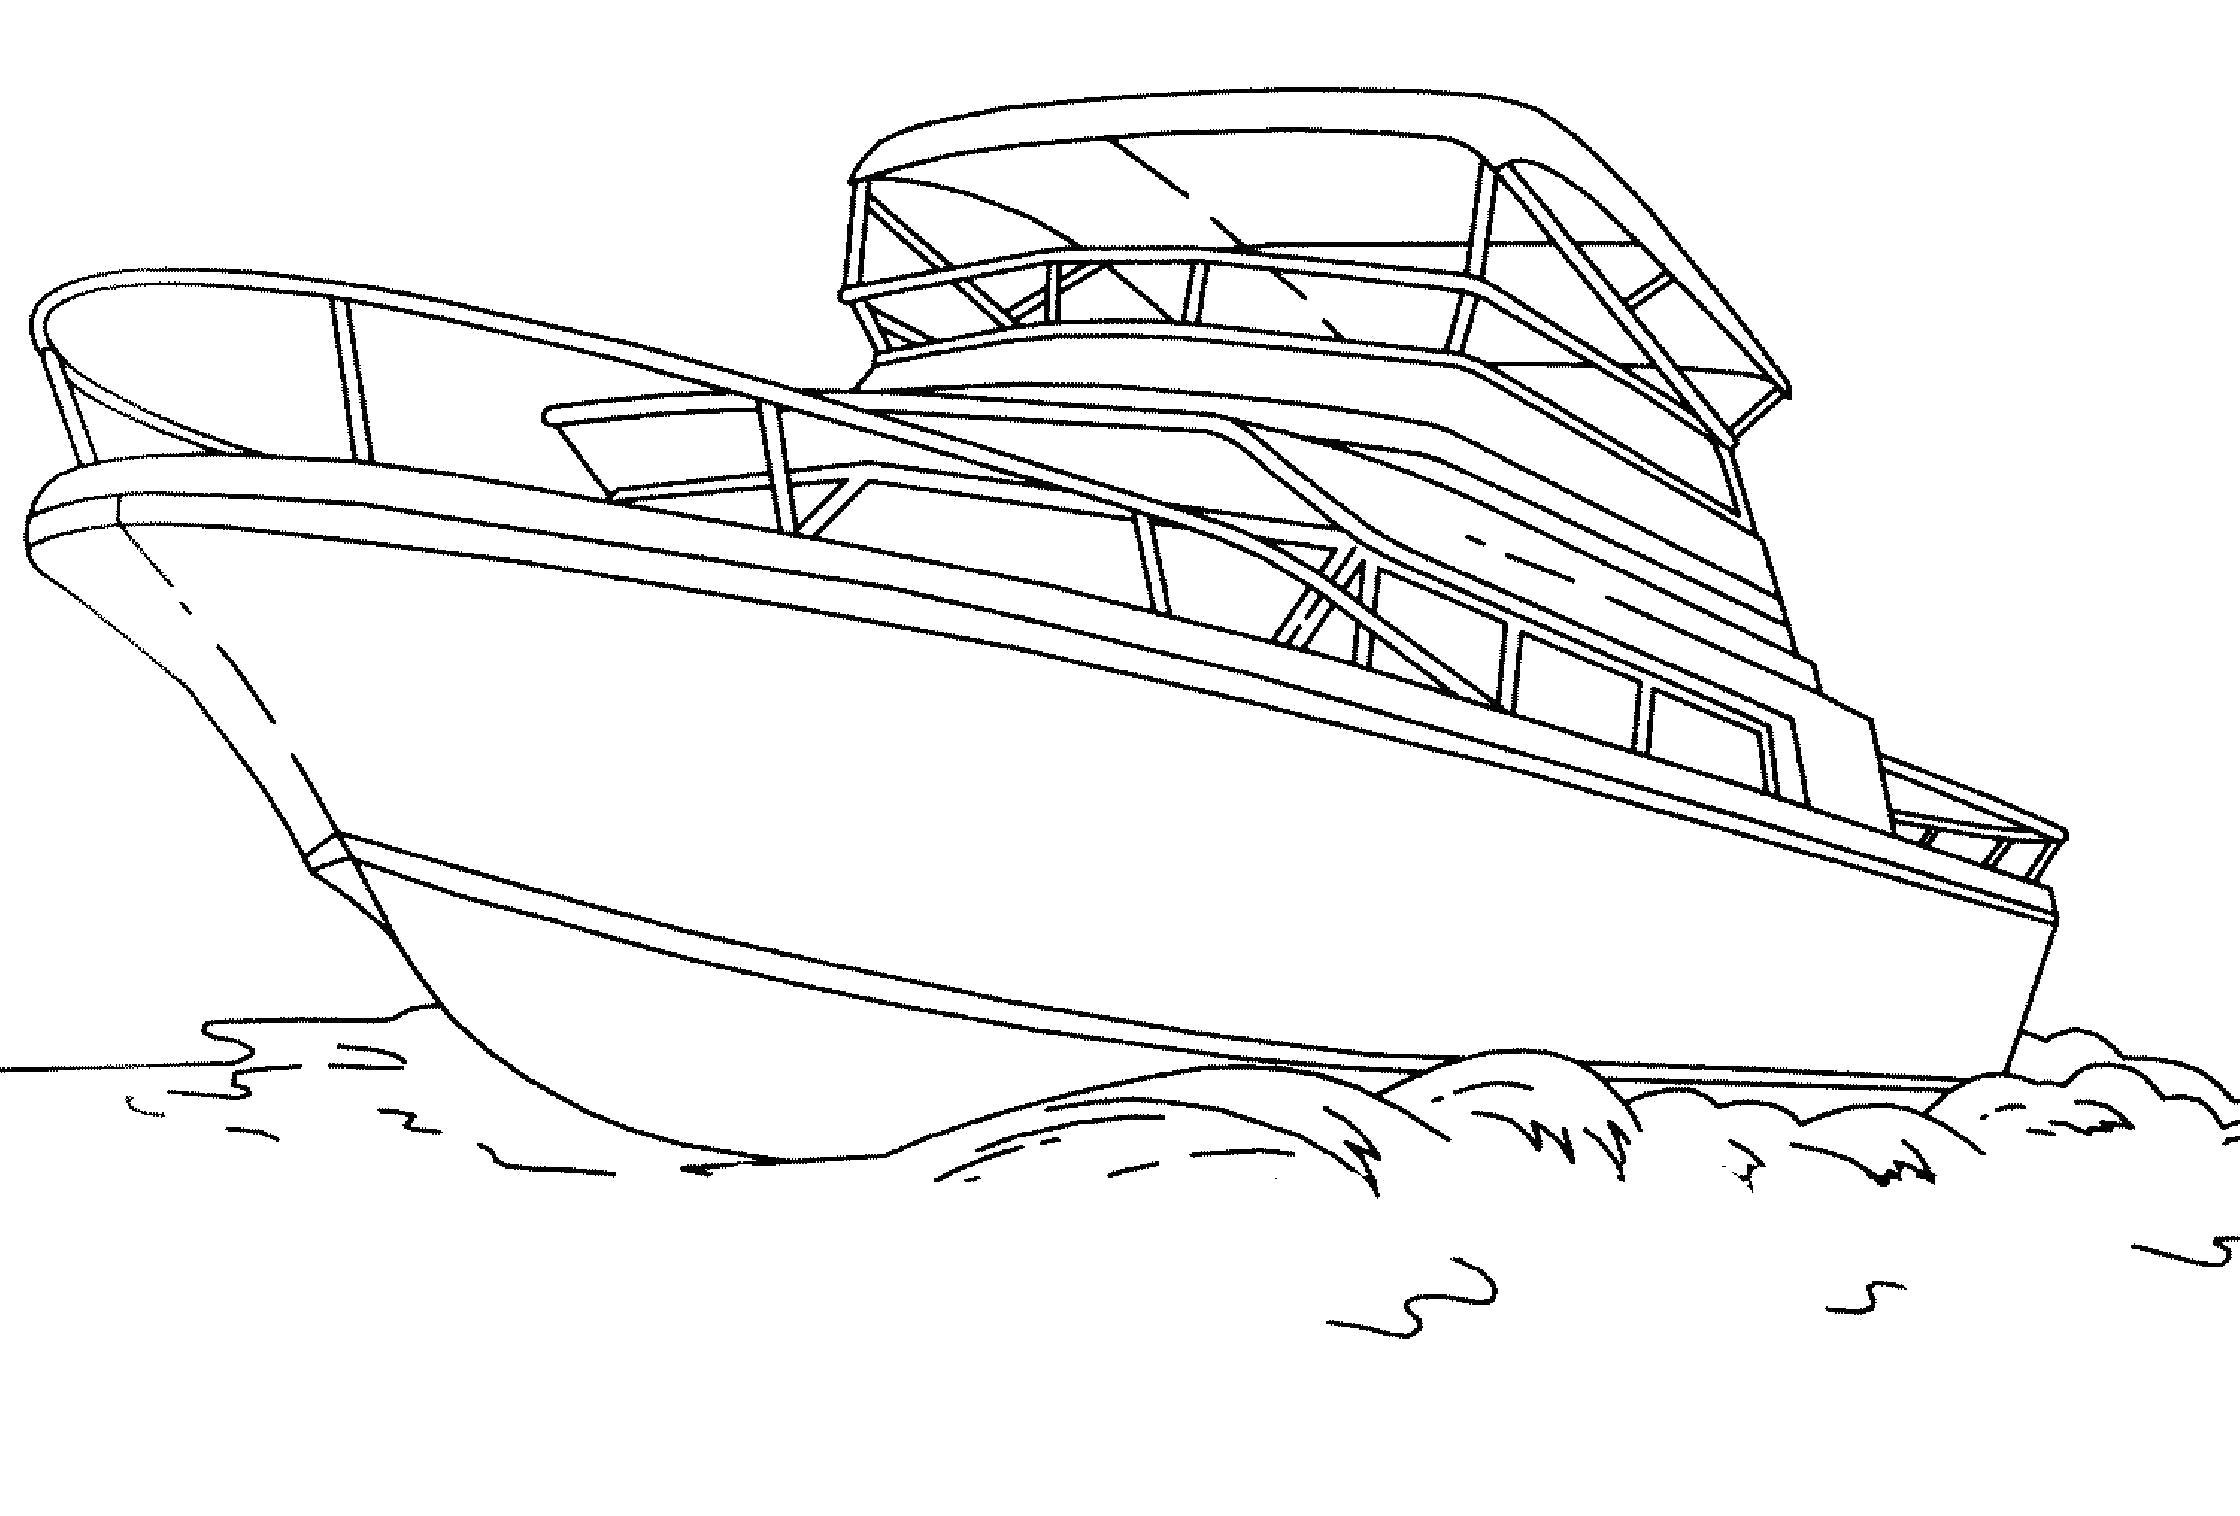 Раскраска  корабли, охранный корабль. Скачать корабль.  Распечатать корабль